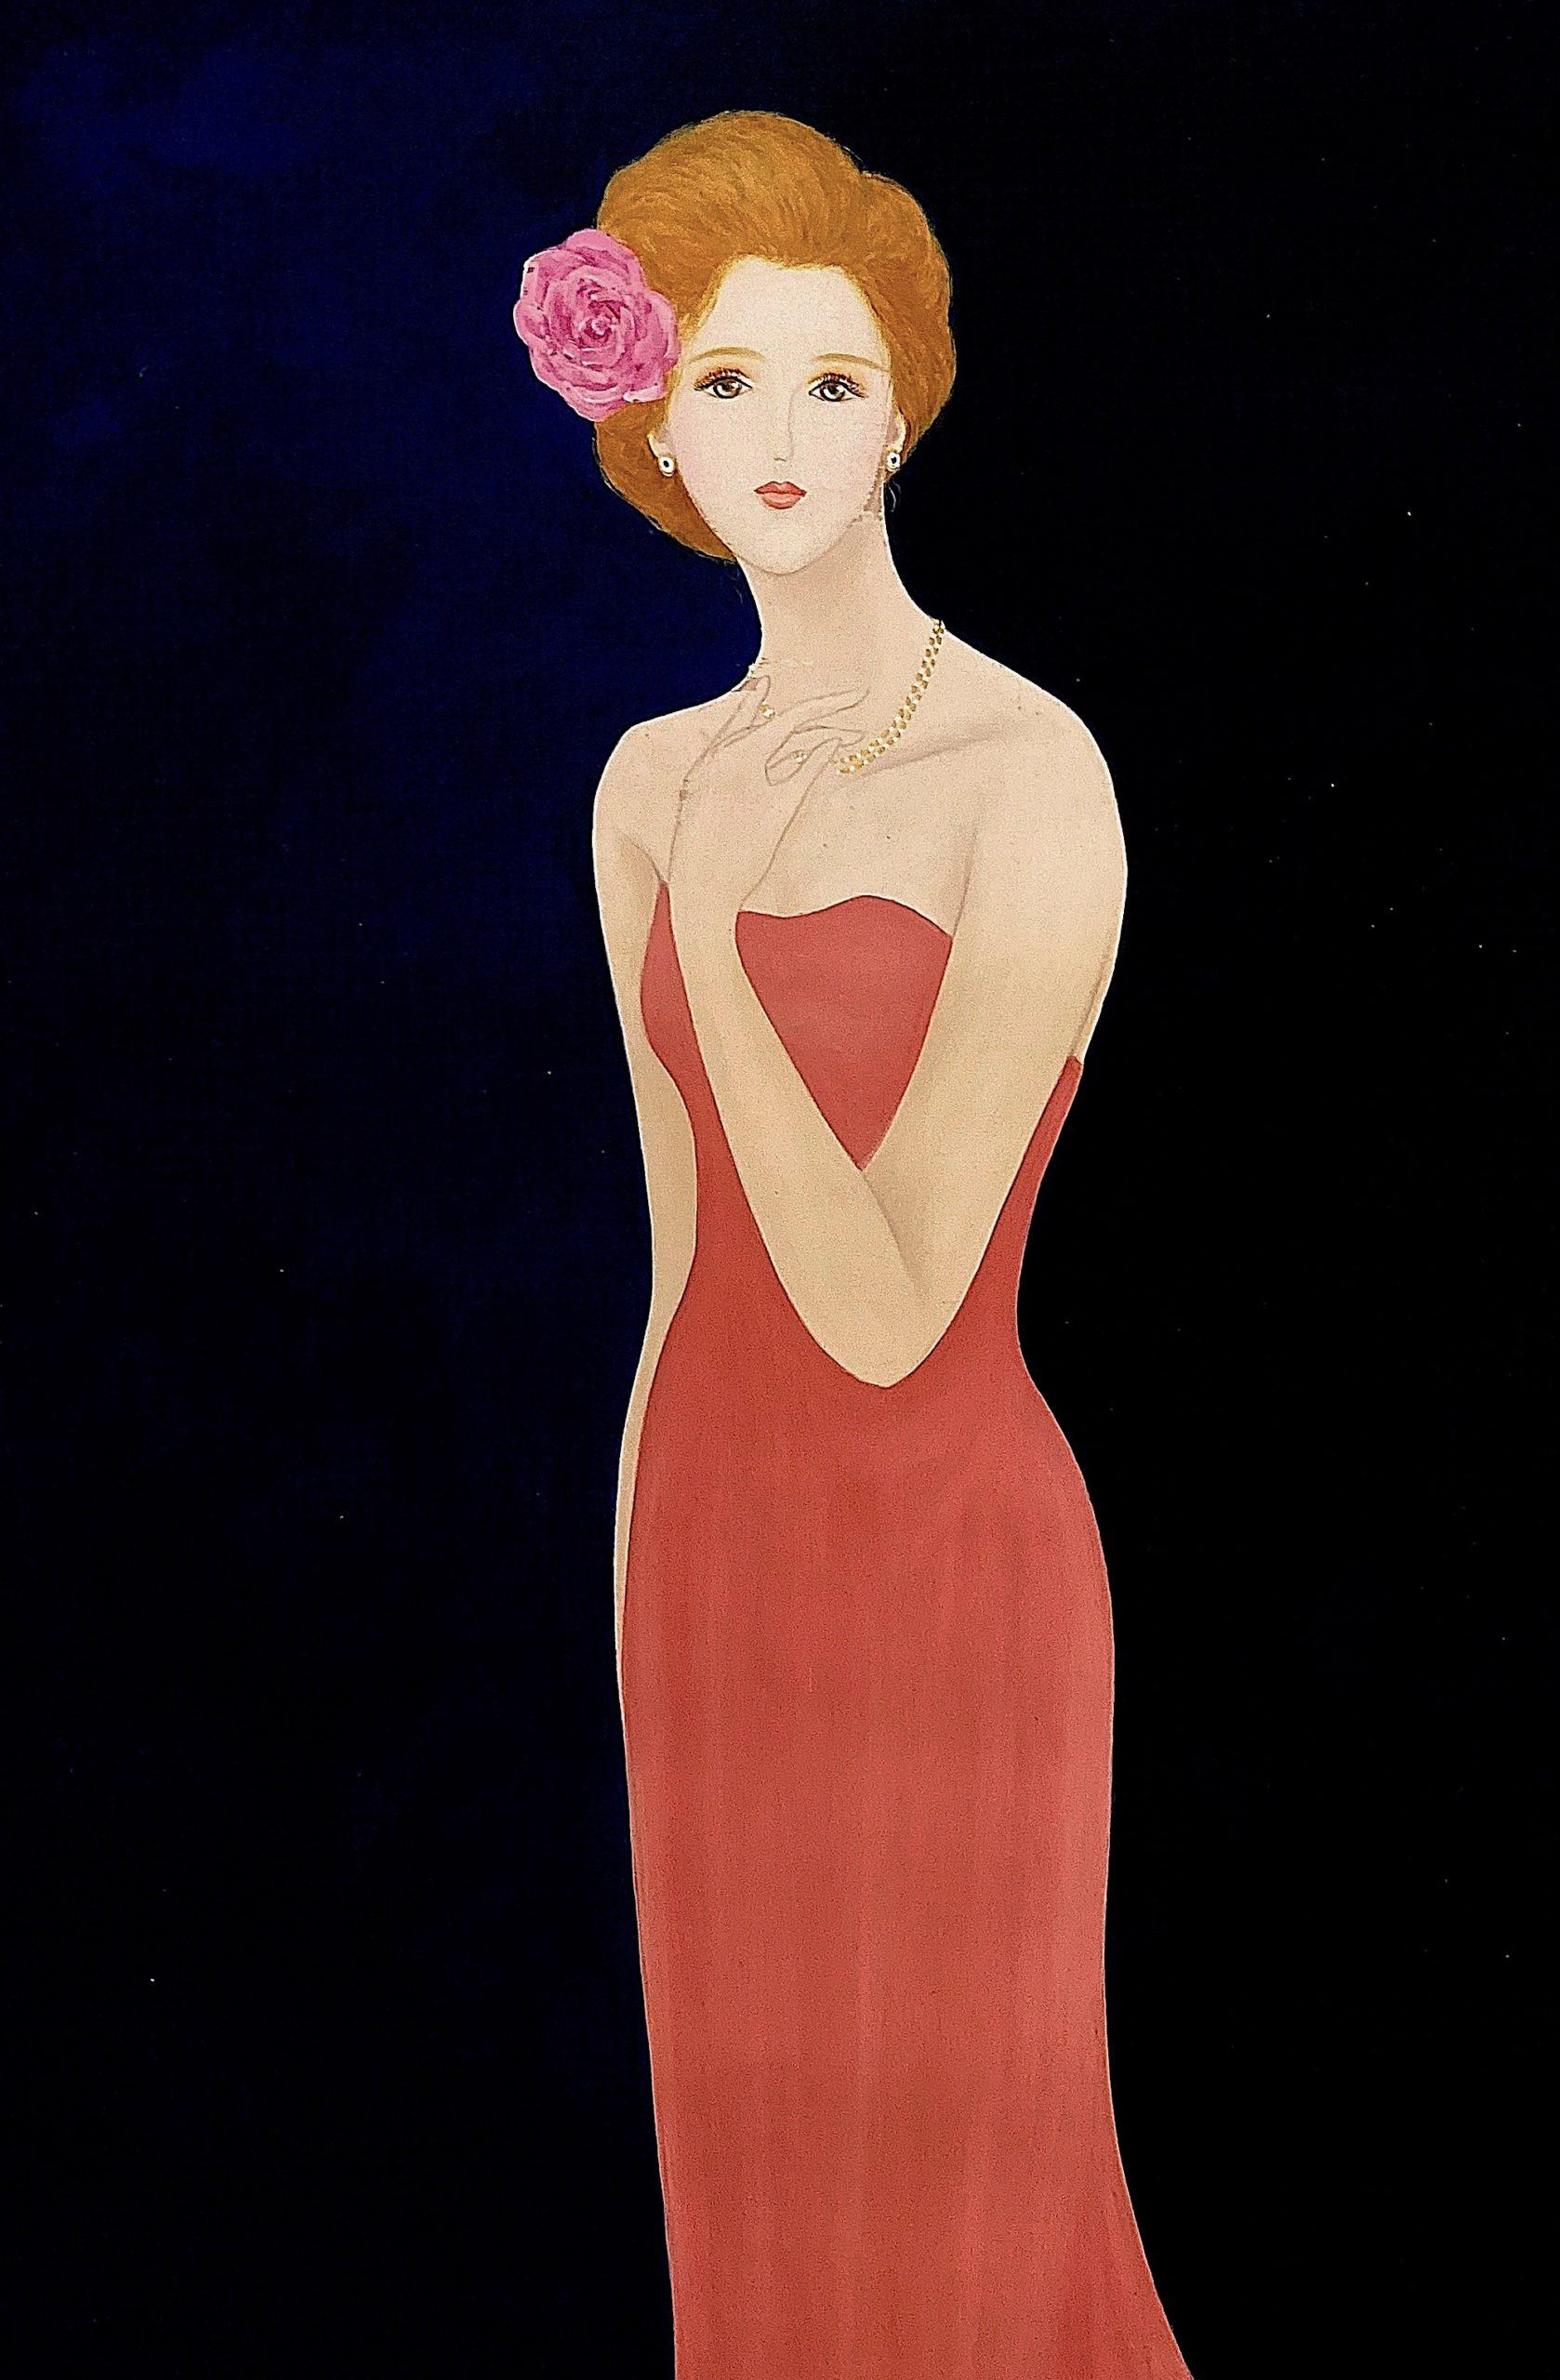 MAMI / Images et Poésie, Douceur Evanescenye comme l'air que l'on respire